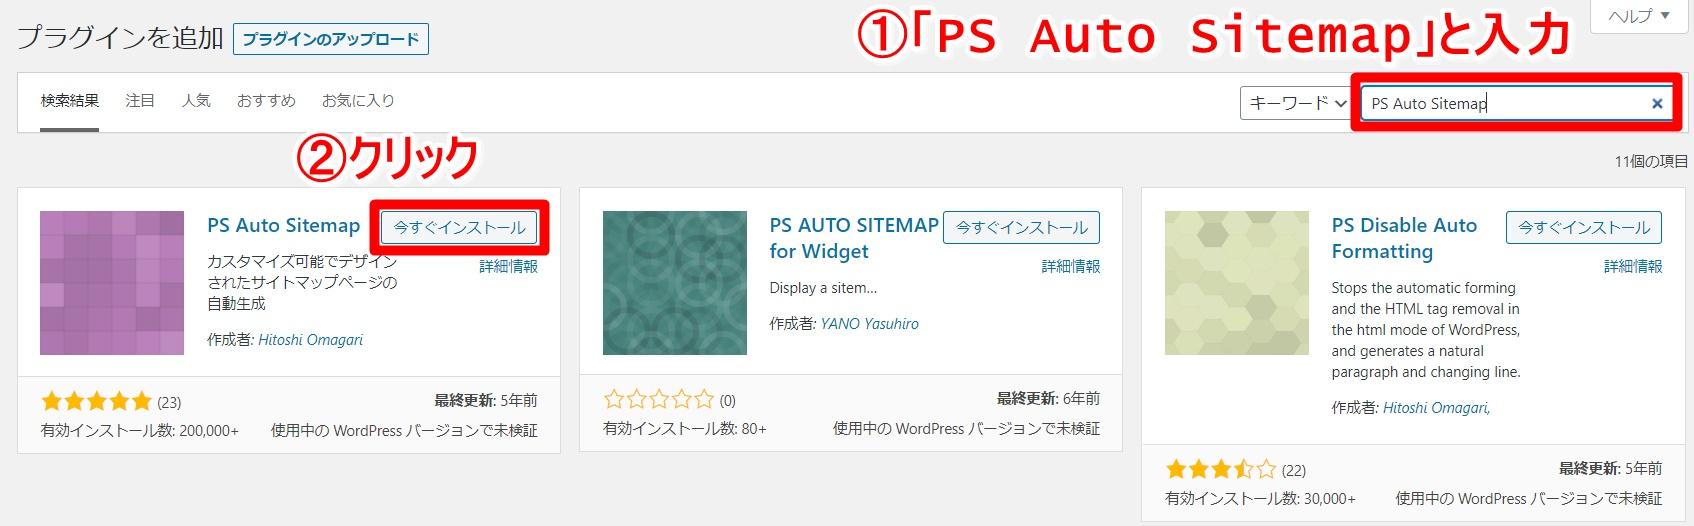 PS Auto Sitemapのインストール方法2